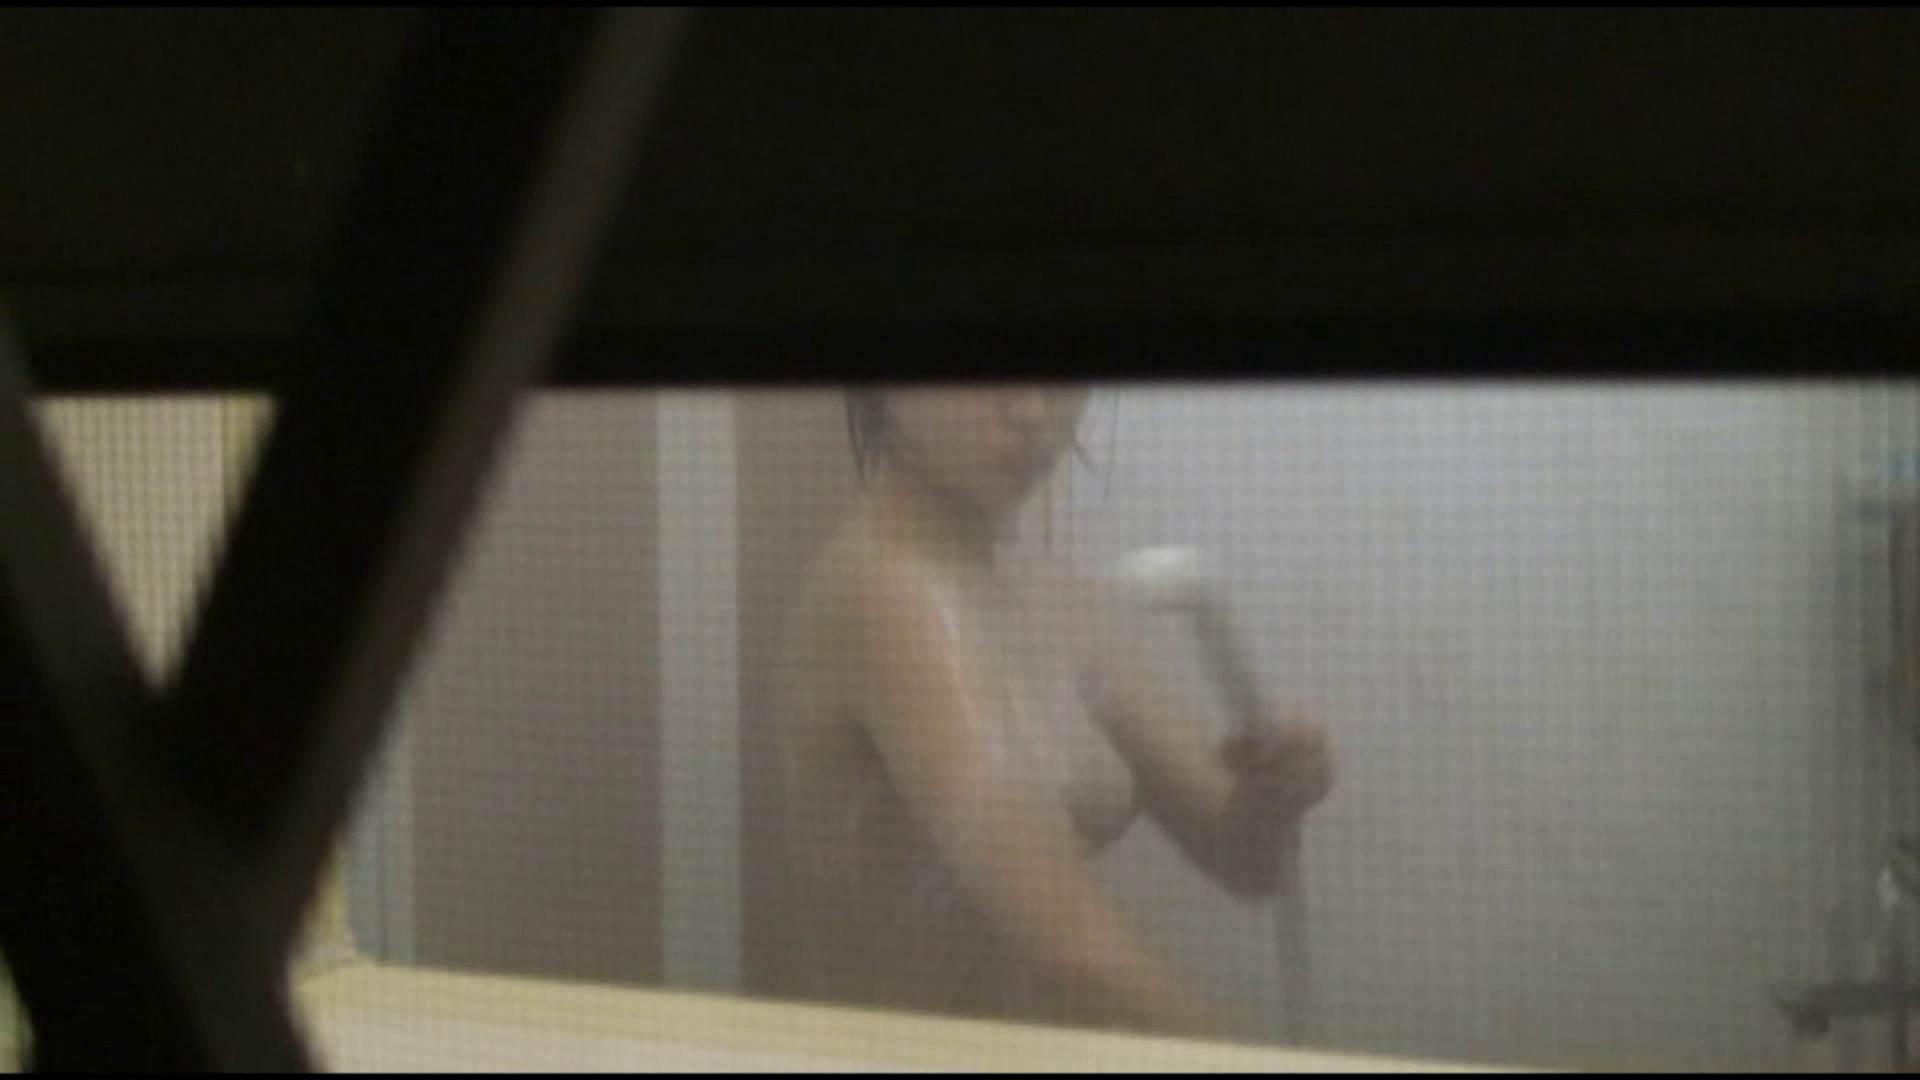 vol.04巨乳美人のおっぱいがプルルンッと弾けてます!風呂上りも必見 覗き  94pic 15